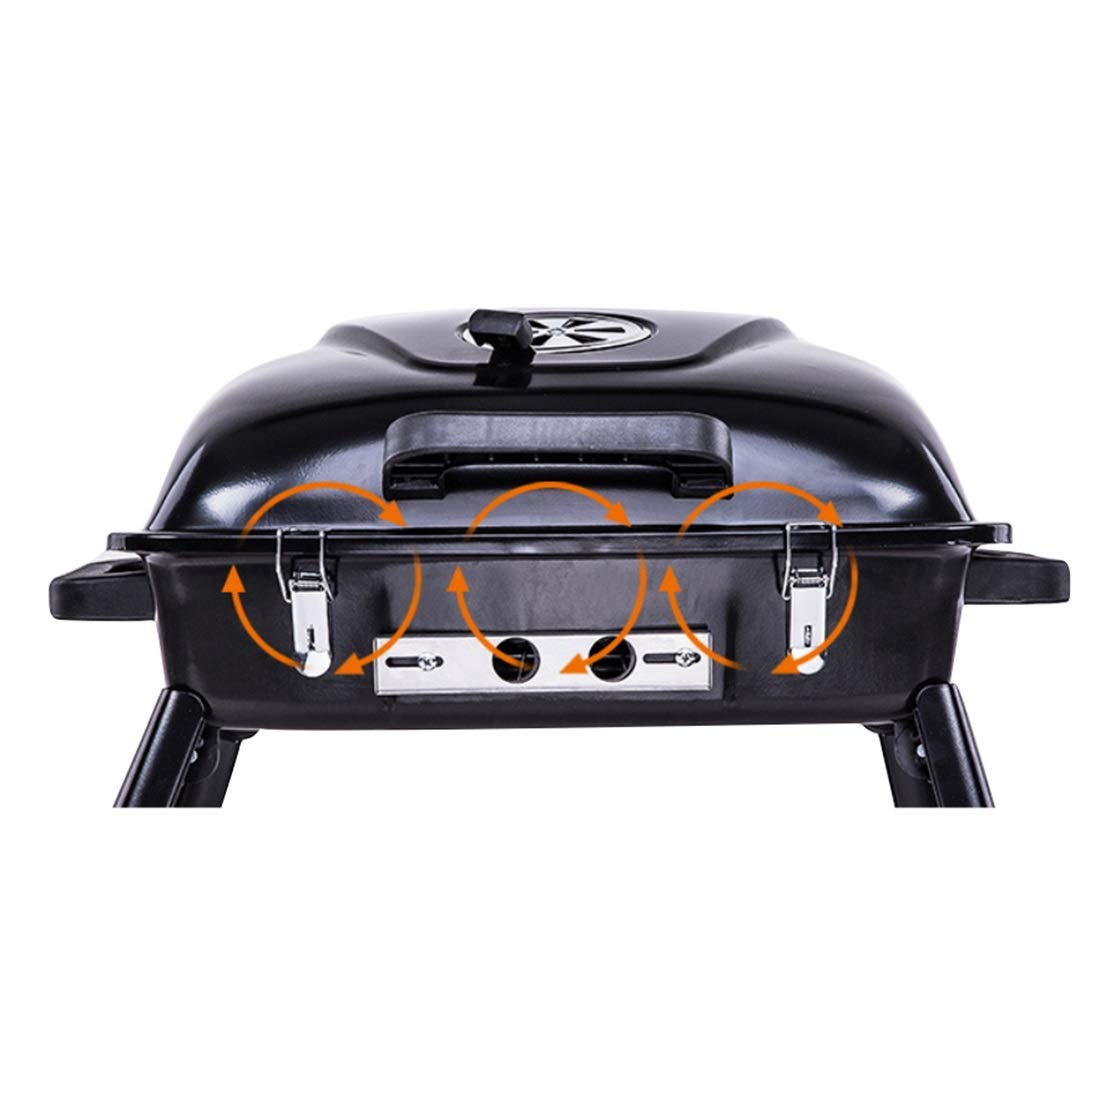 Xasclnis Tragbarer Einstellbarer Wind Camping Grill Original Holzkohlegrillkocher aus Emaille-Verfahren für den Außen- und Heimbereich (Farbe   schwarz)